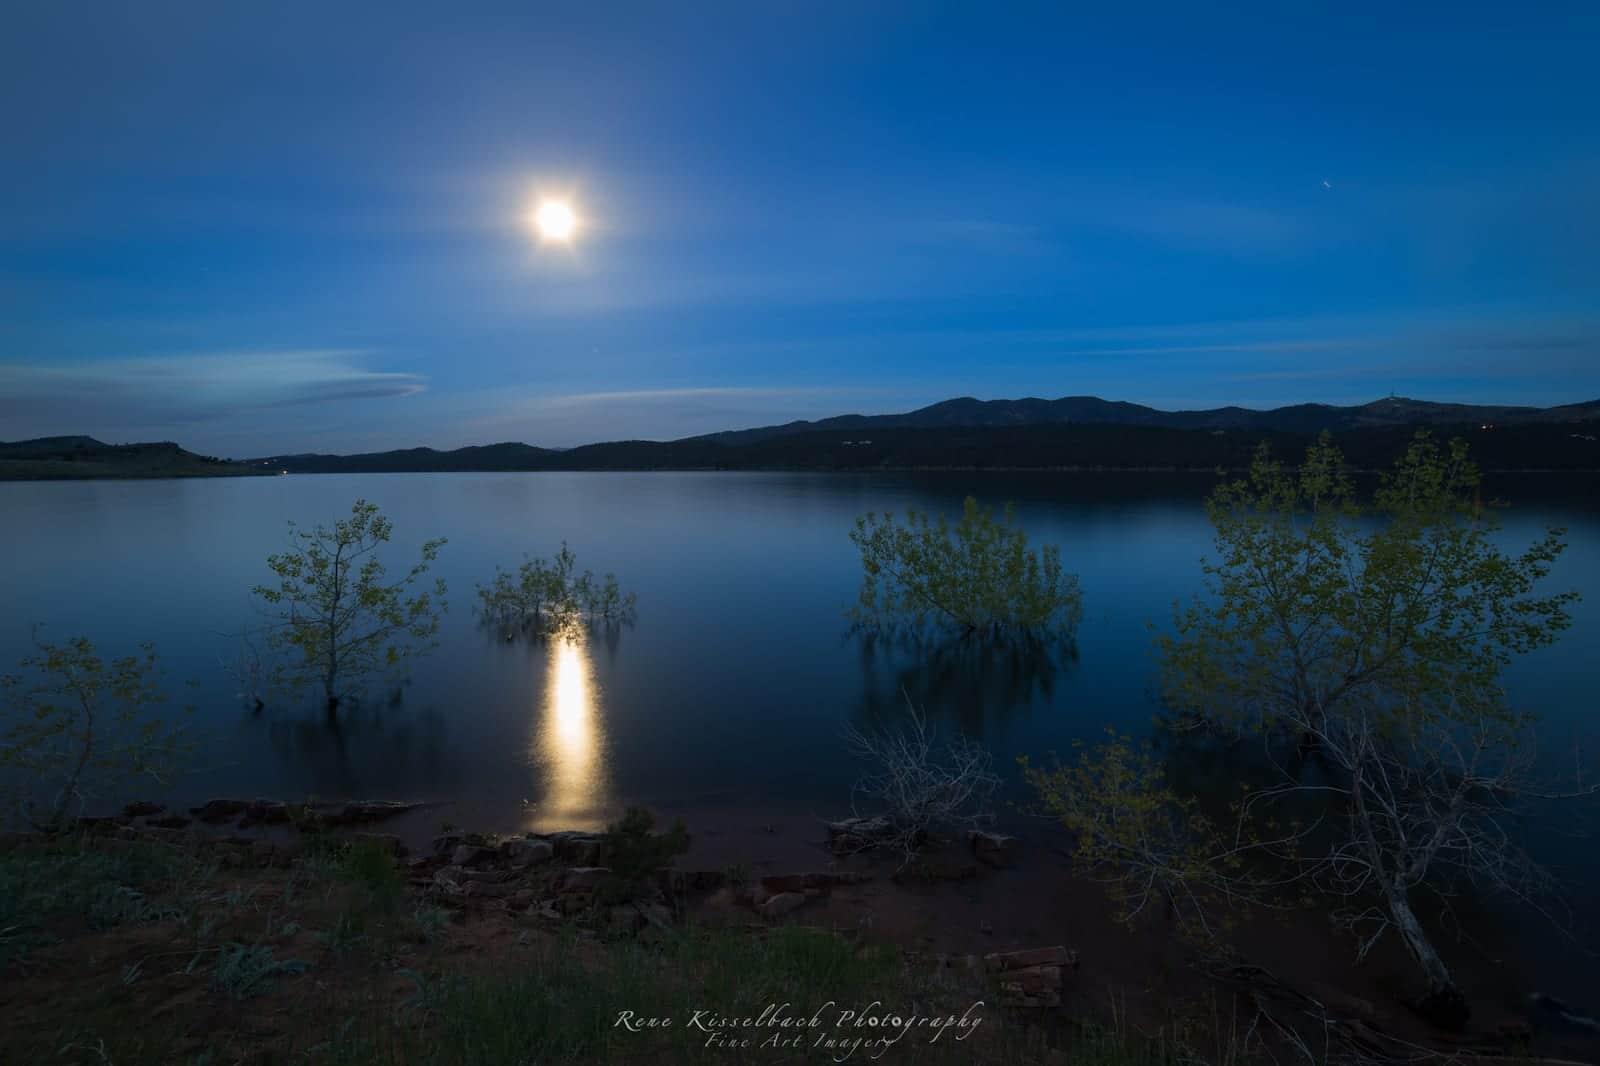 Camping near Carter Lake Berthoud CO Moon Shining